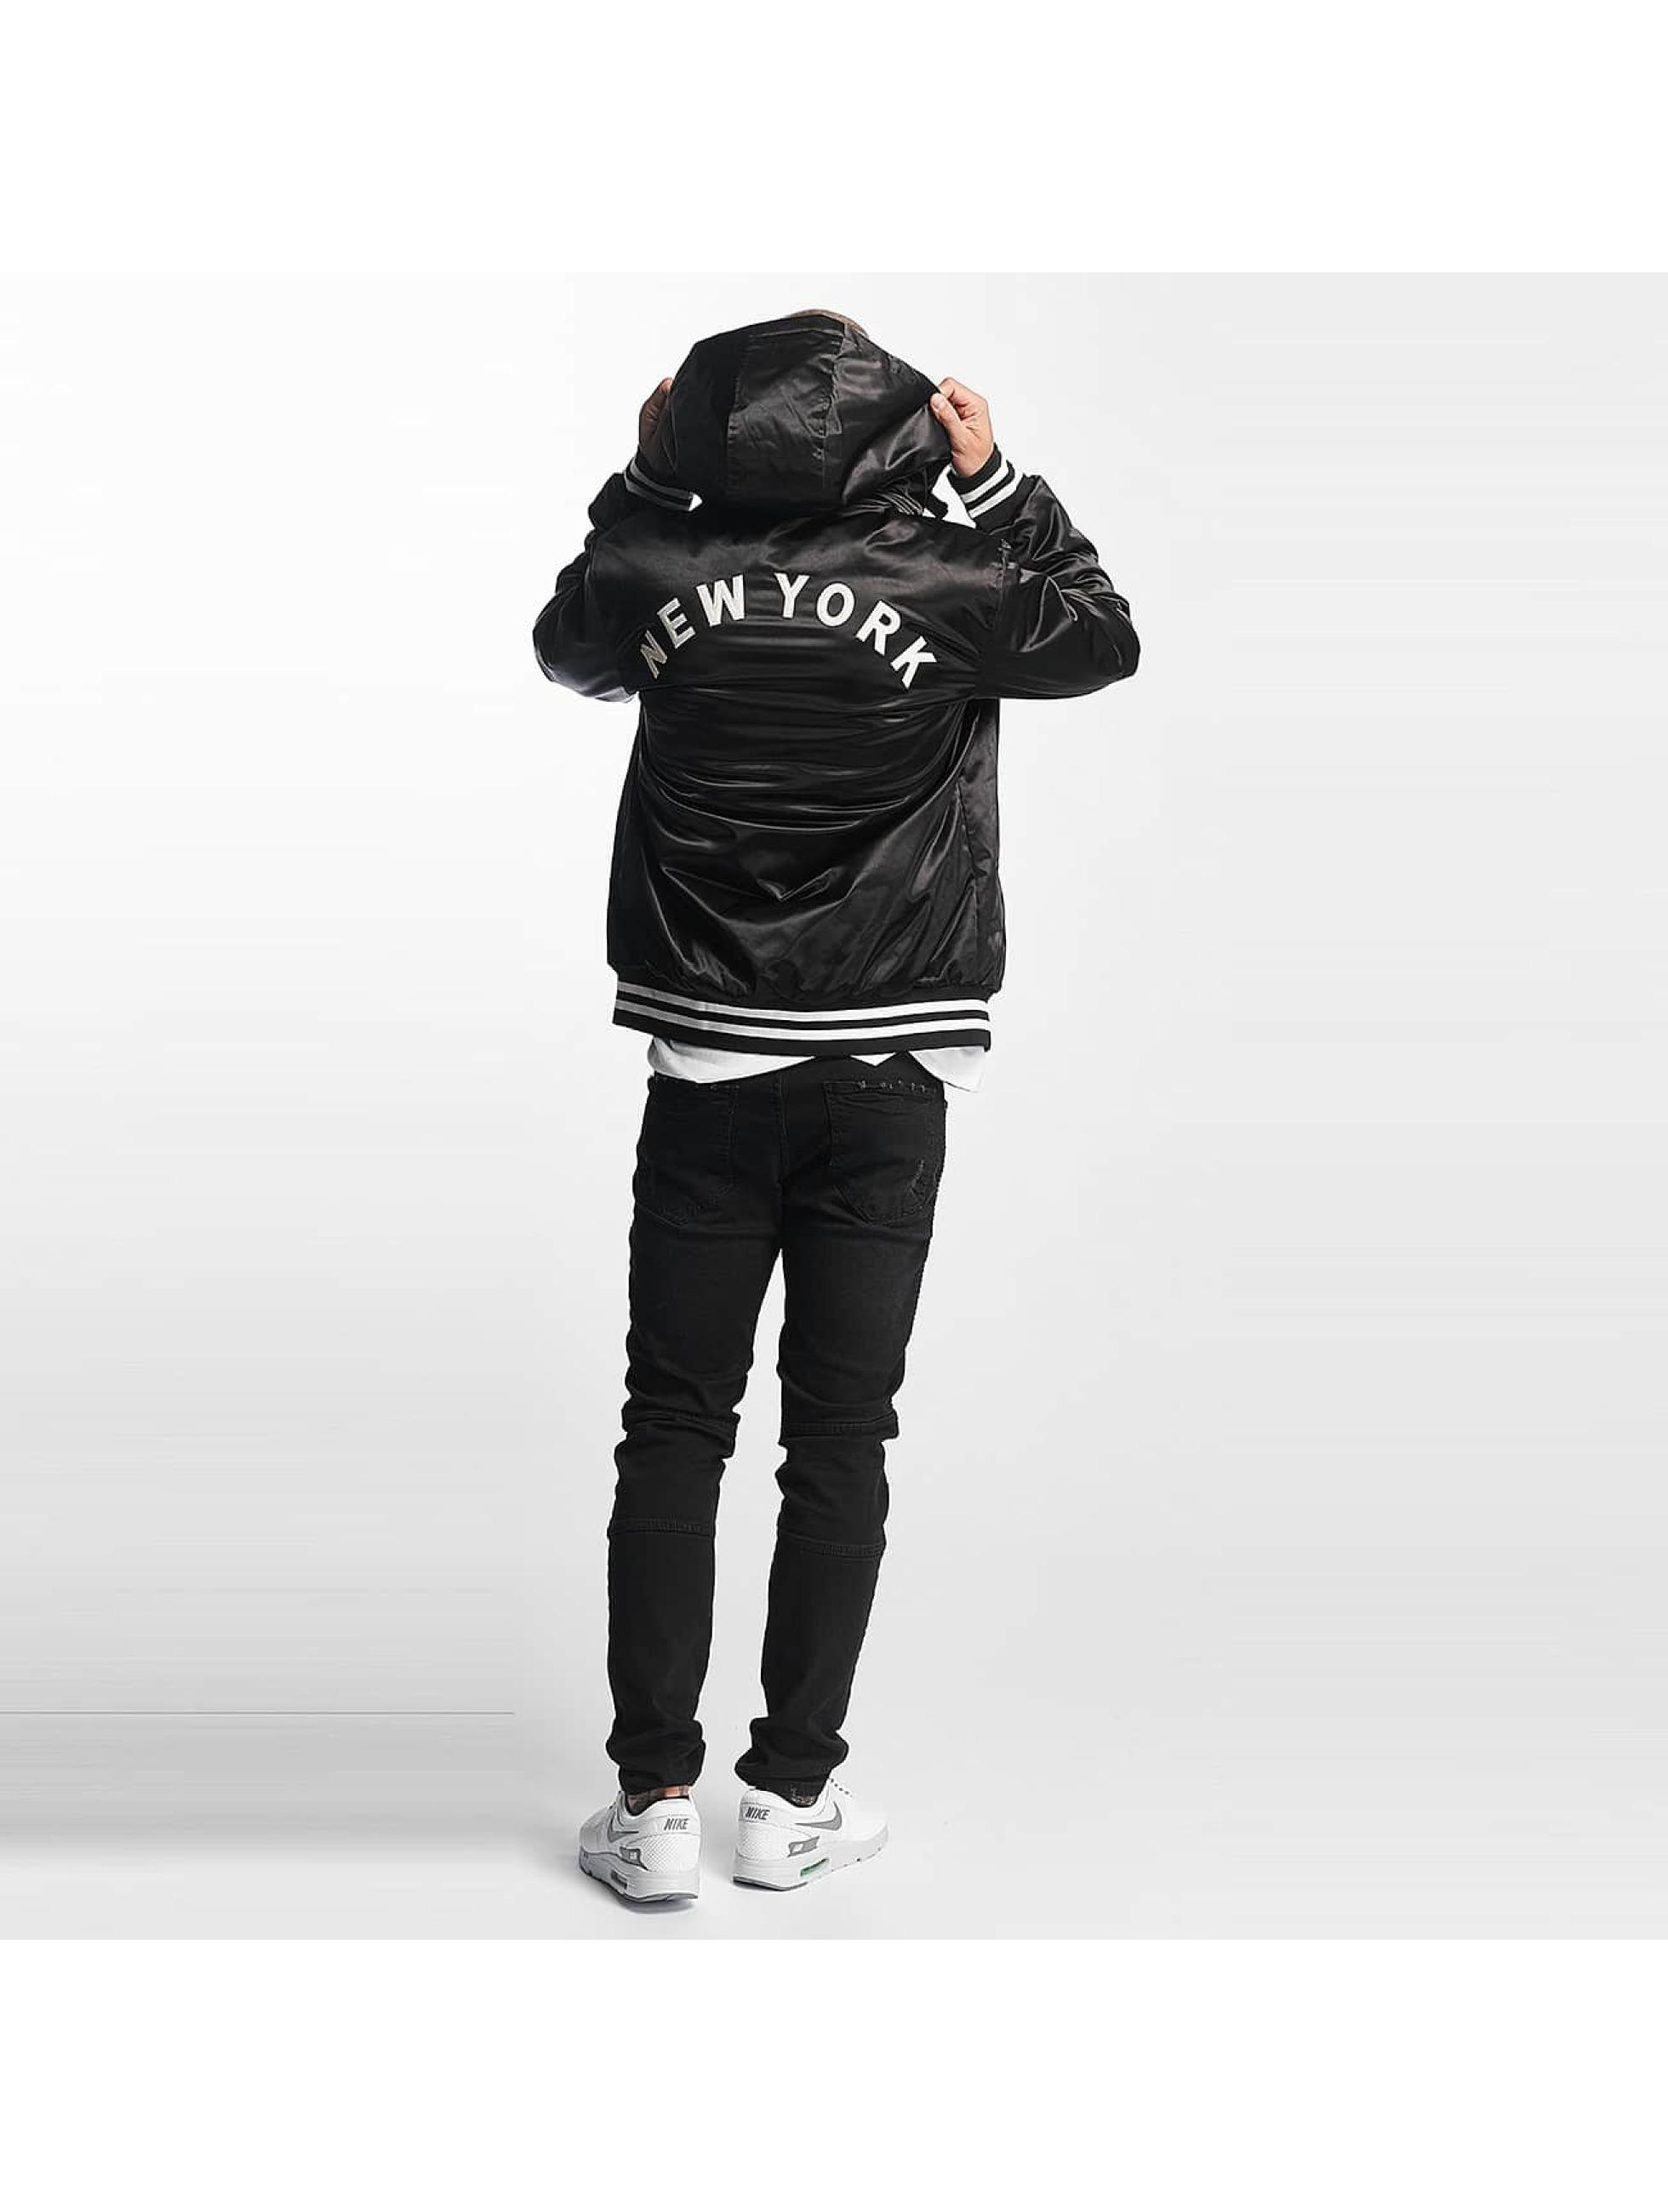 Thug Life Bomber jacket New York black